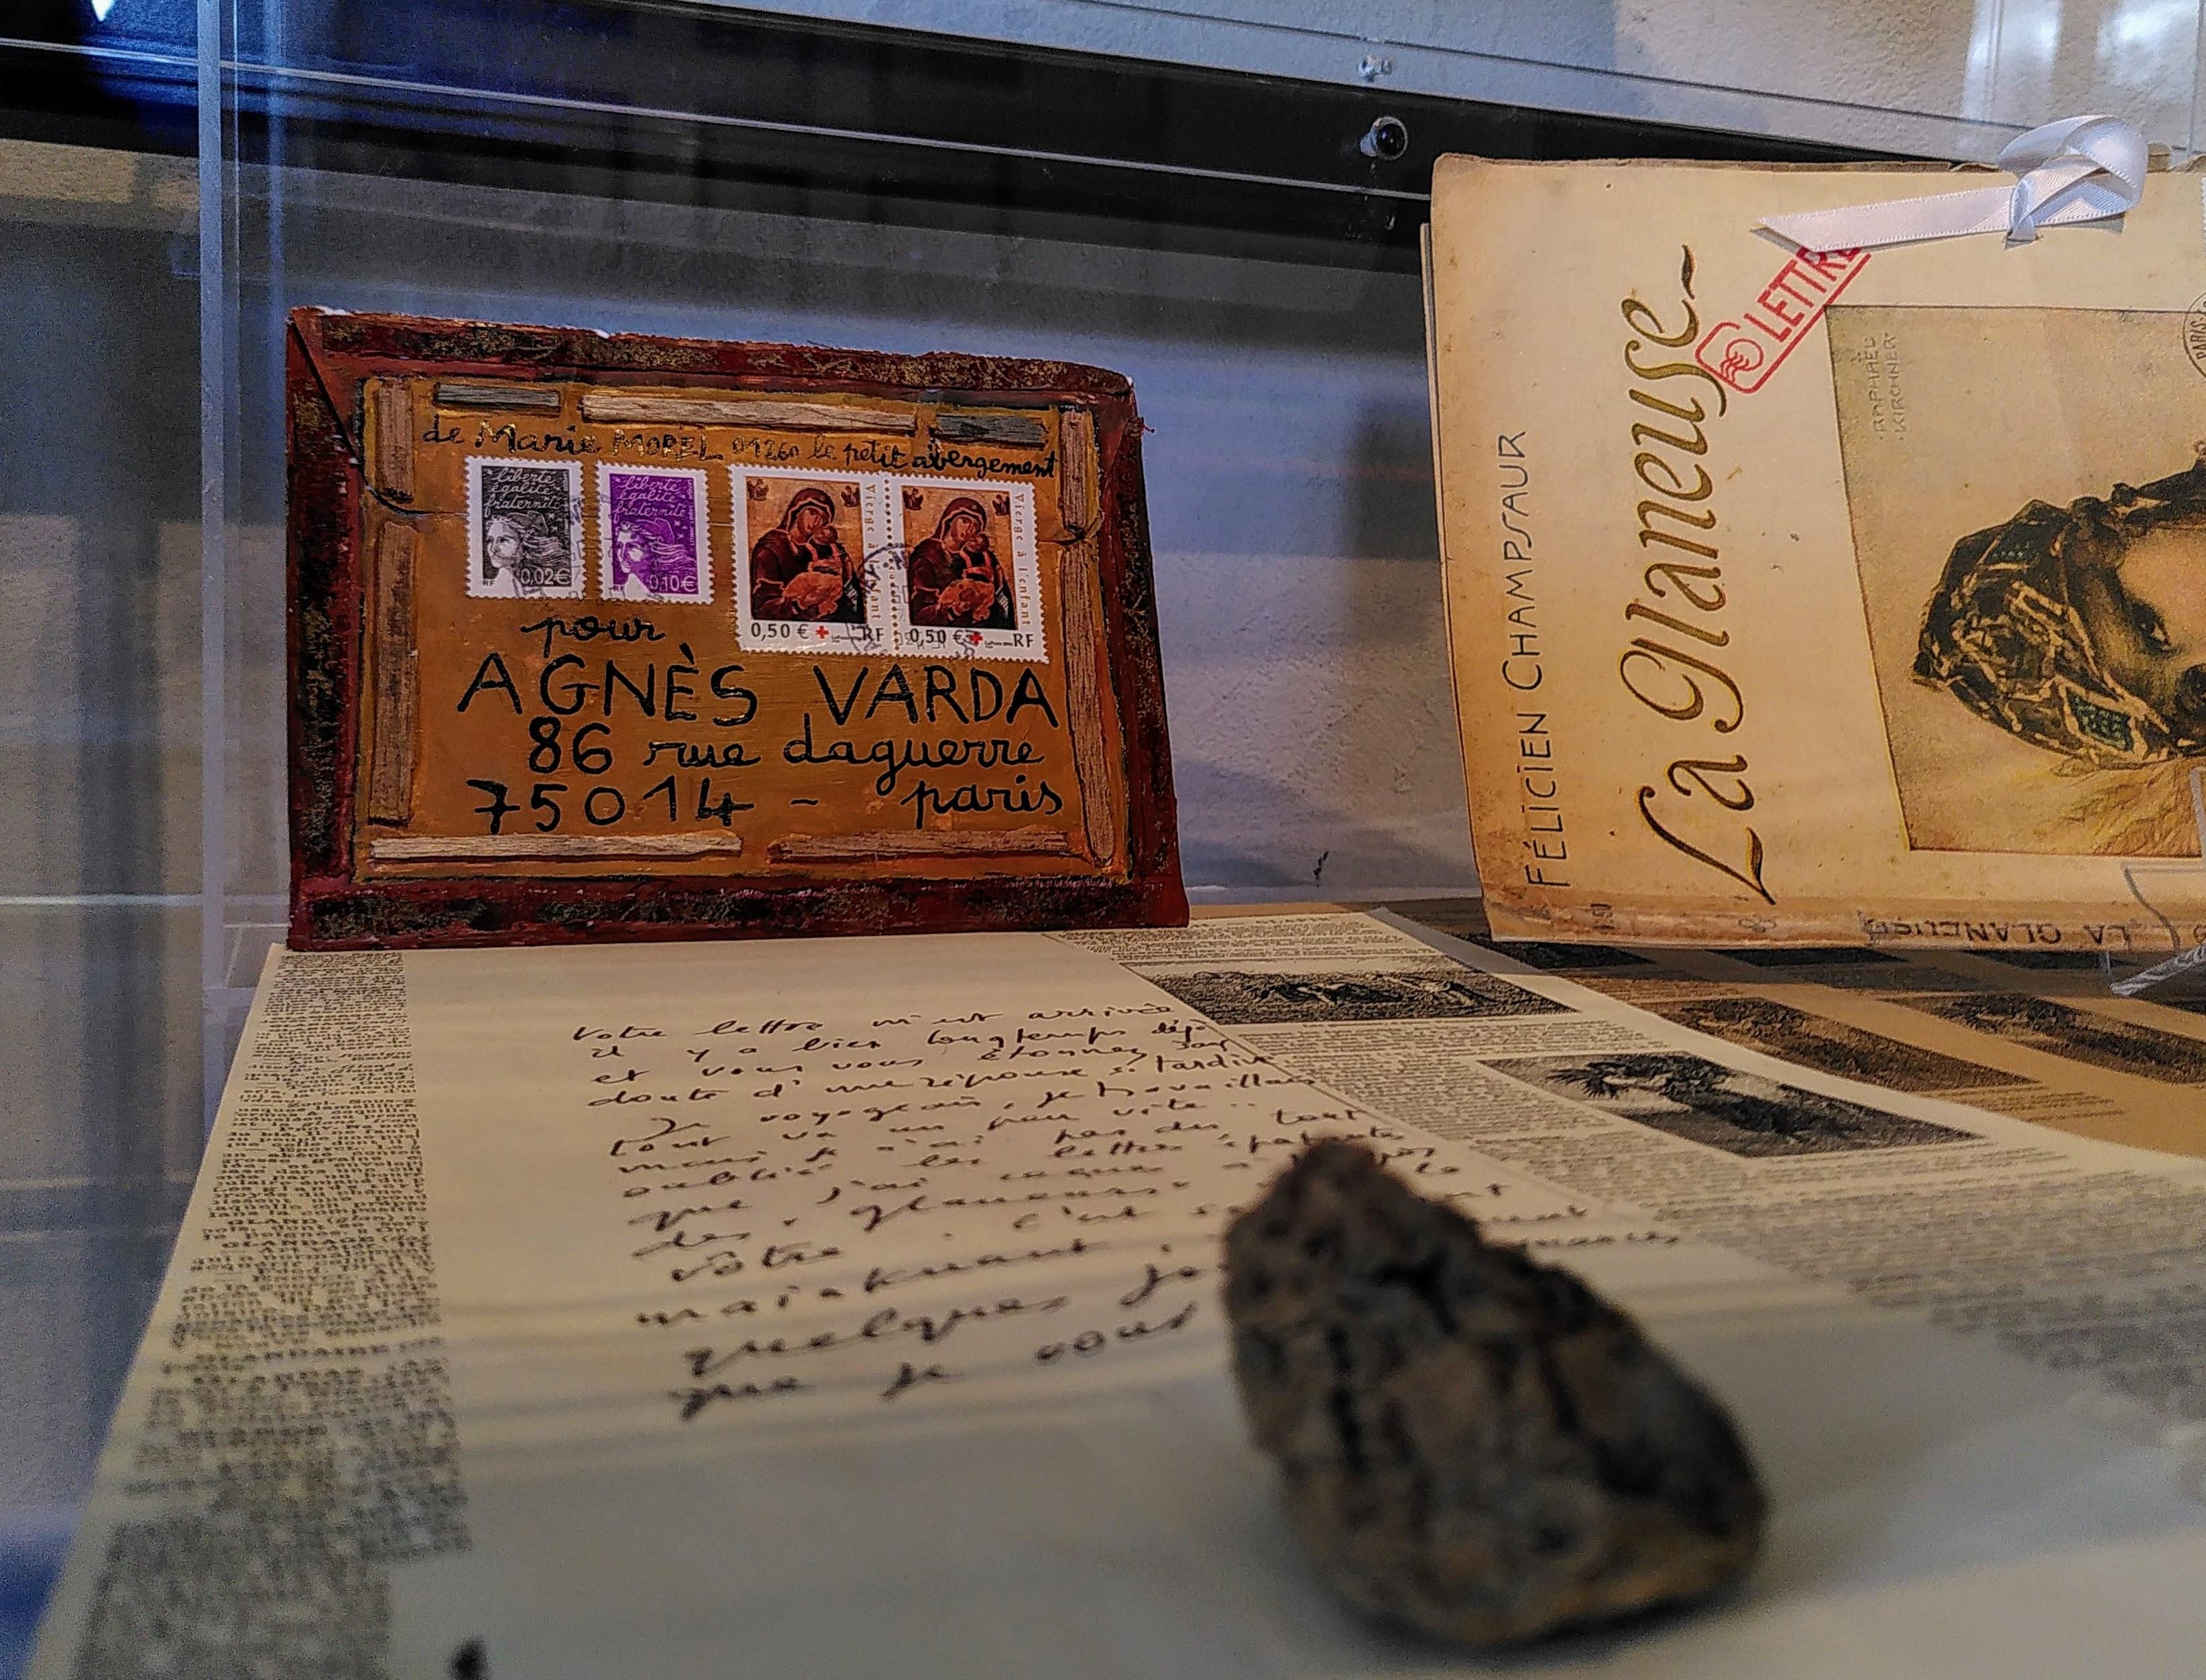 Correspondances : Les Pages d'Agnès